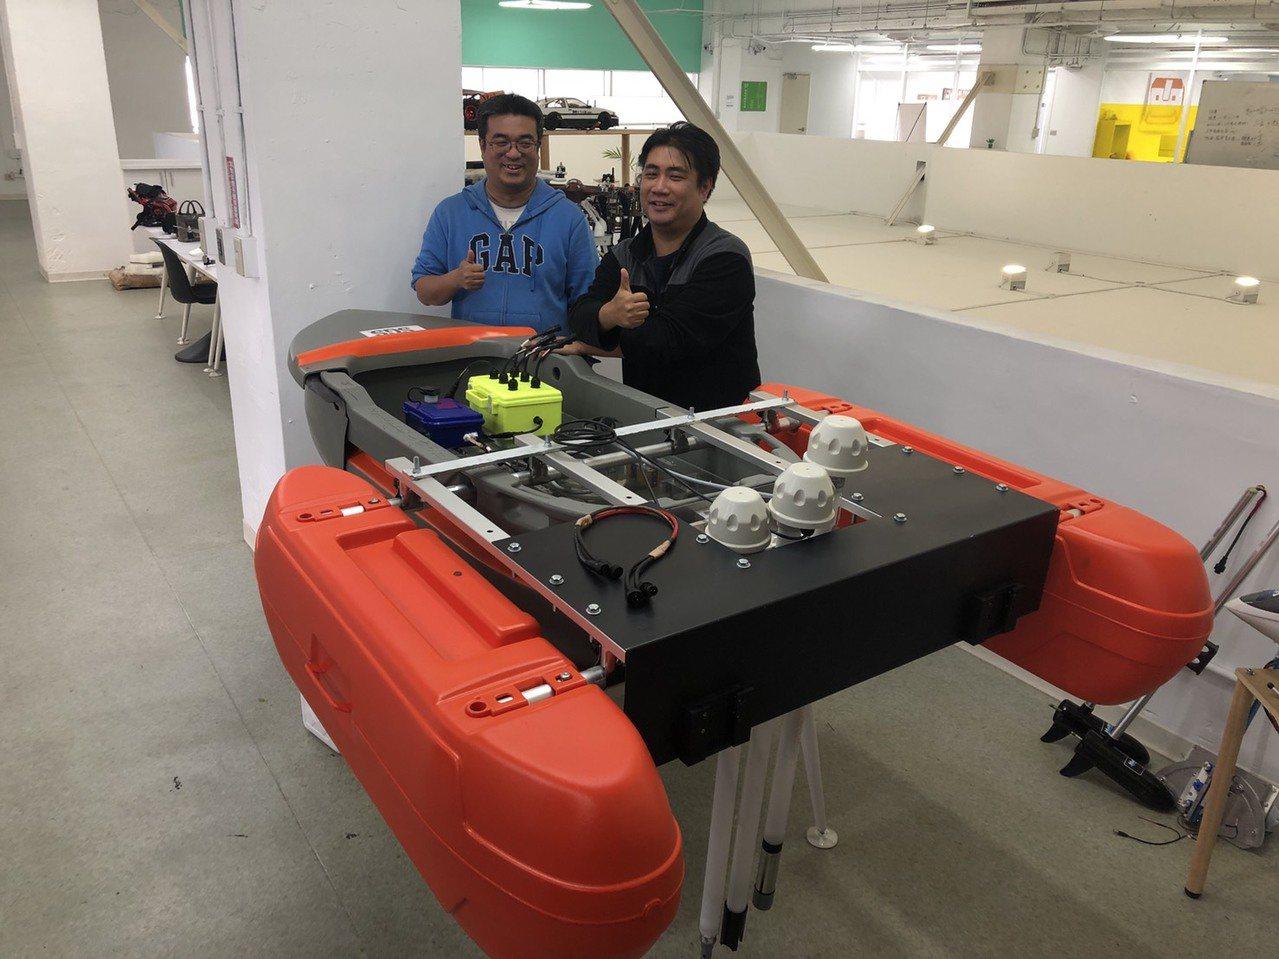 鎮鑫科技創辦人郭鎮銘(左)不當教授也要創業,在桃園市新明青創基地,開啟無人機商業...